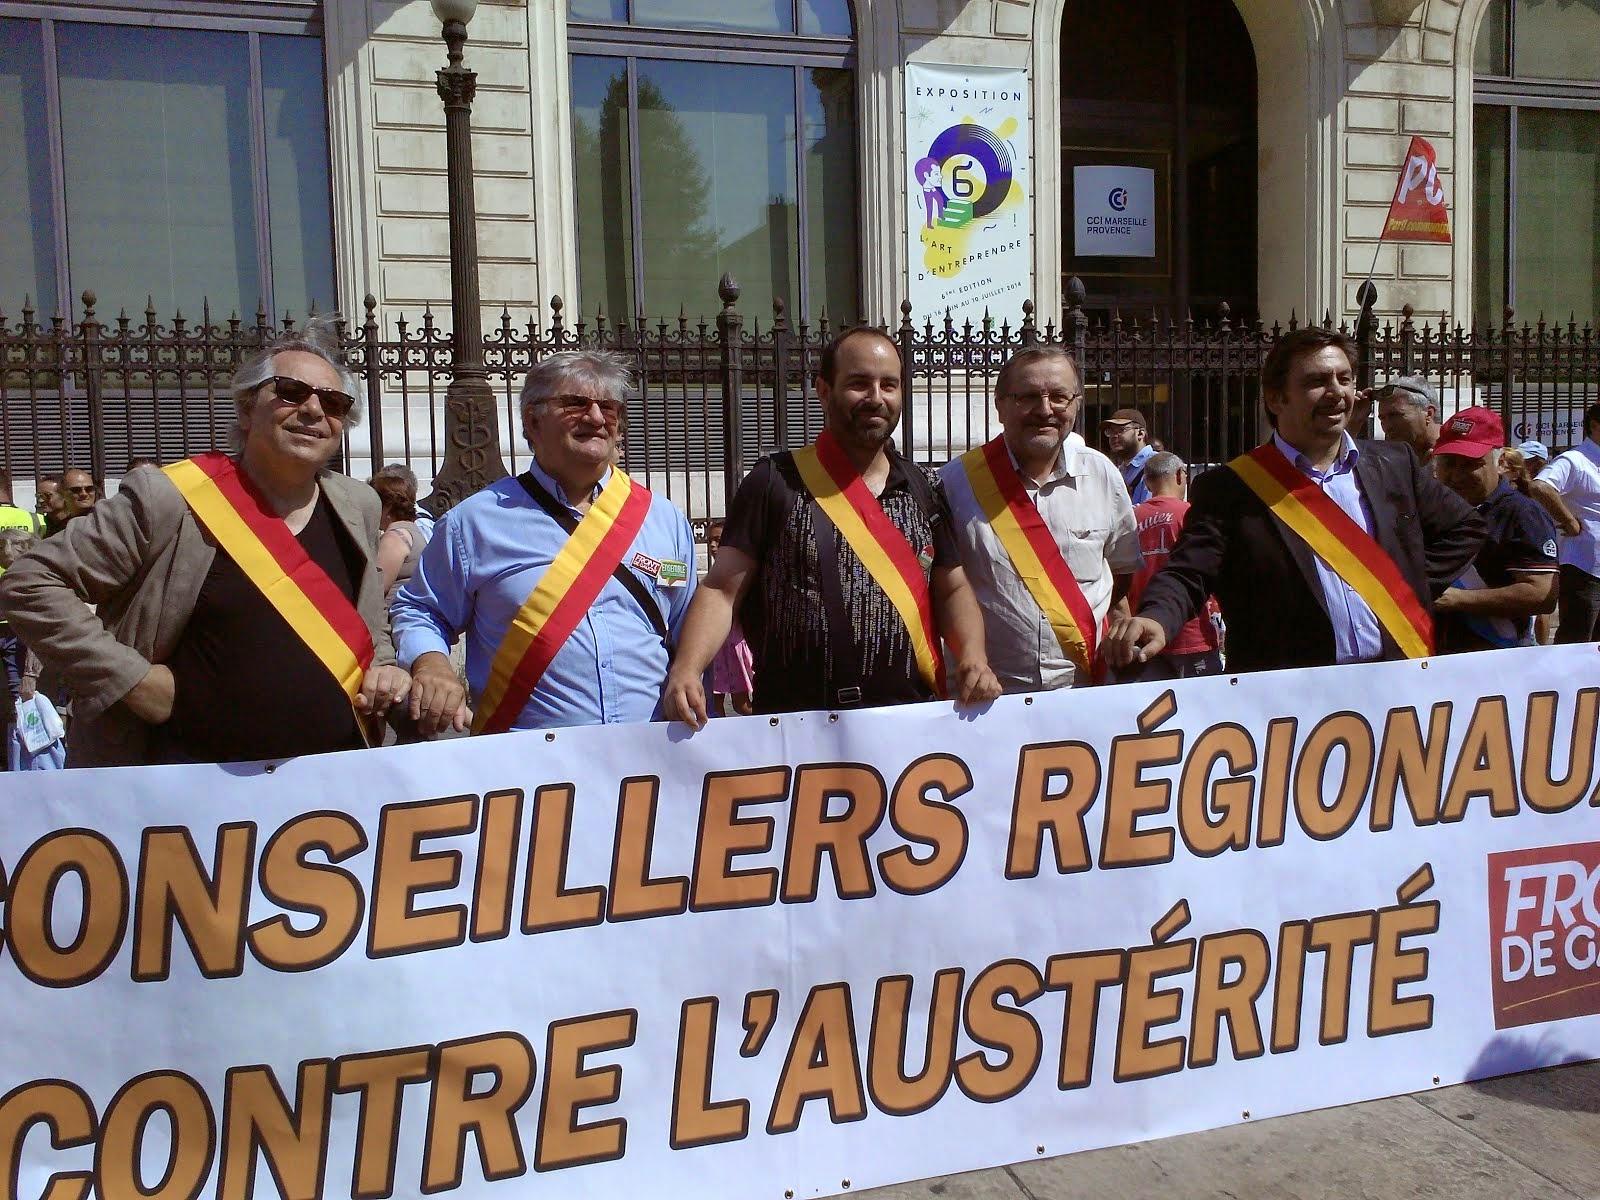 Manifestation sur la Canebière contre l'austérité